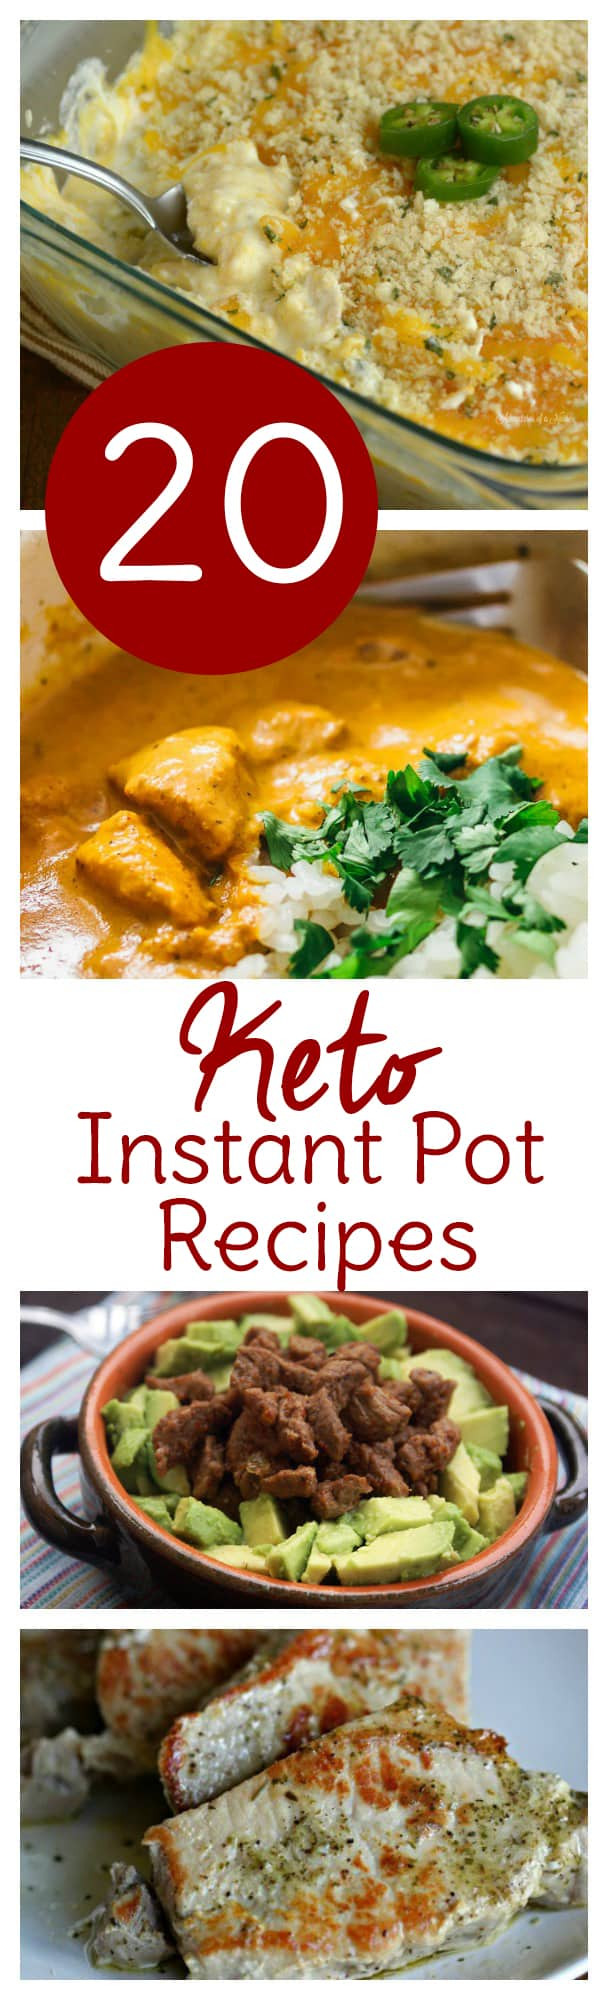 Instant Pot Keto Recipes  20 Instant Pot Keto Recipes to Make This Week